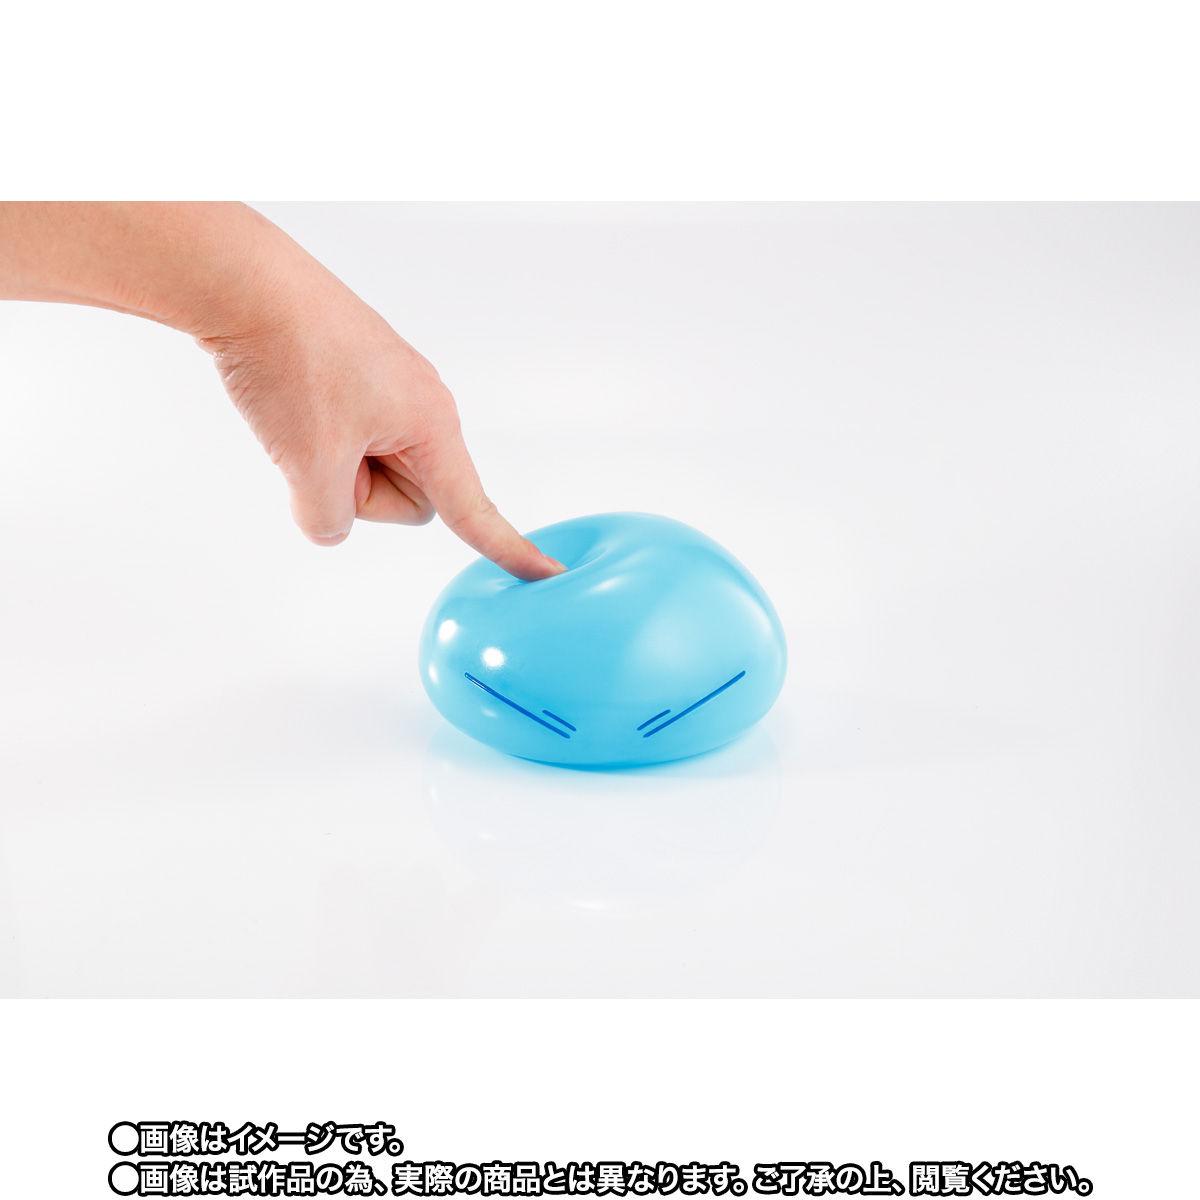 【限定販売】PROPLICA『リムル=テンペスト』フィギュア-005